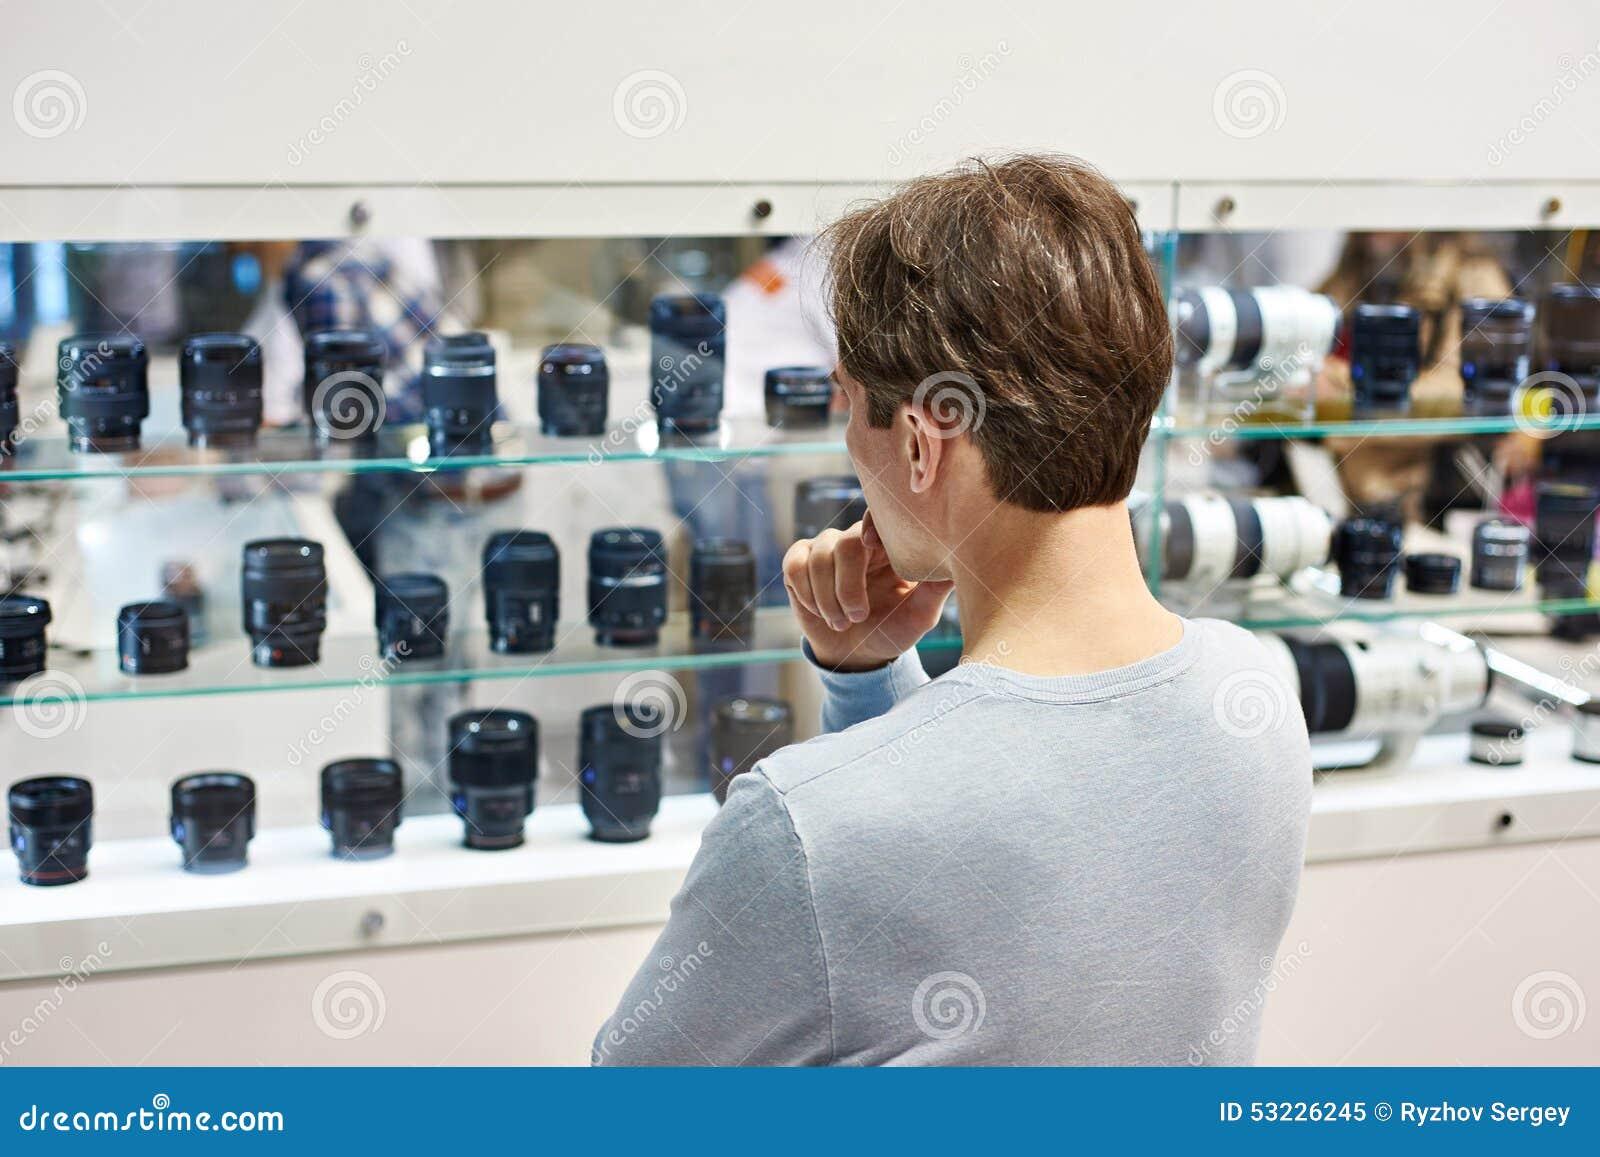 Selección de la lente de cámara en tienda